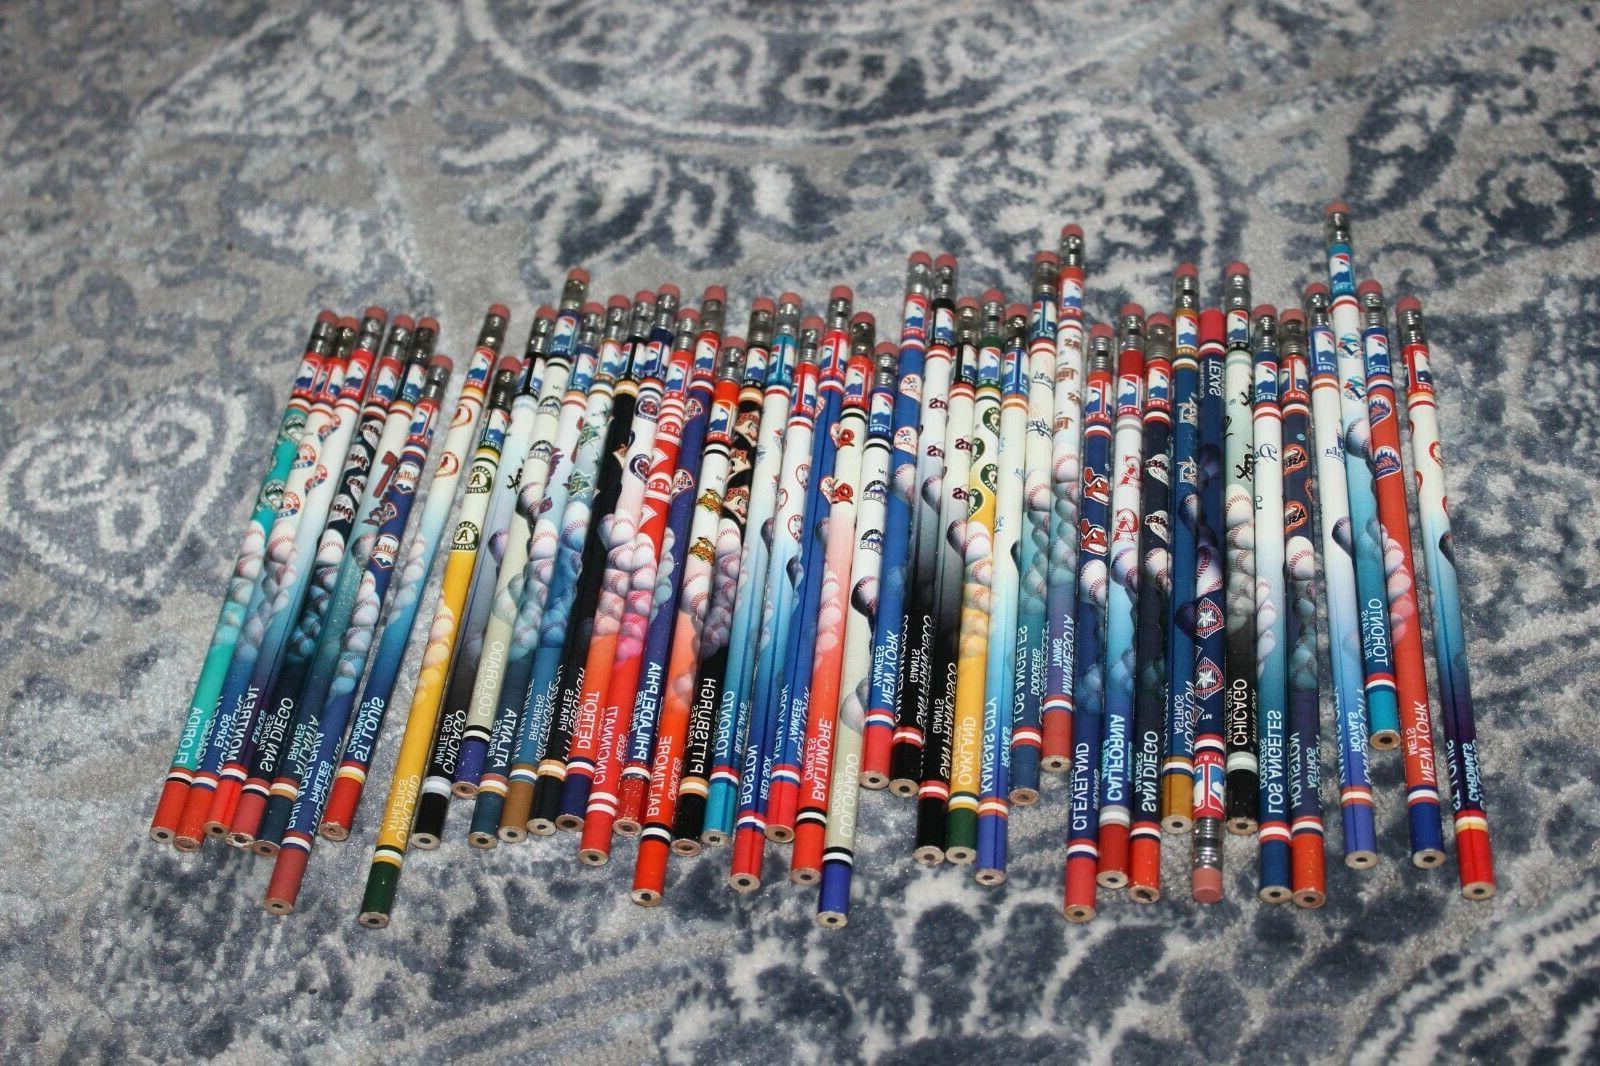 mlb team pencils 1993 1995 vintage free